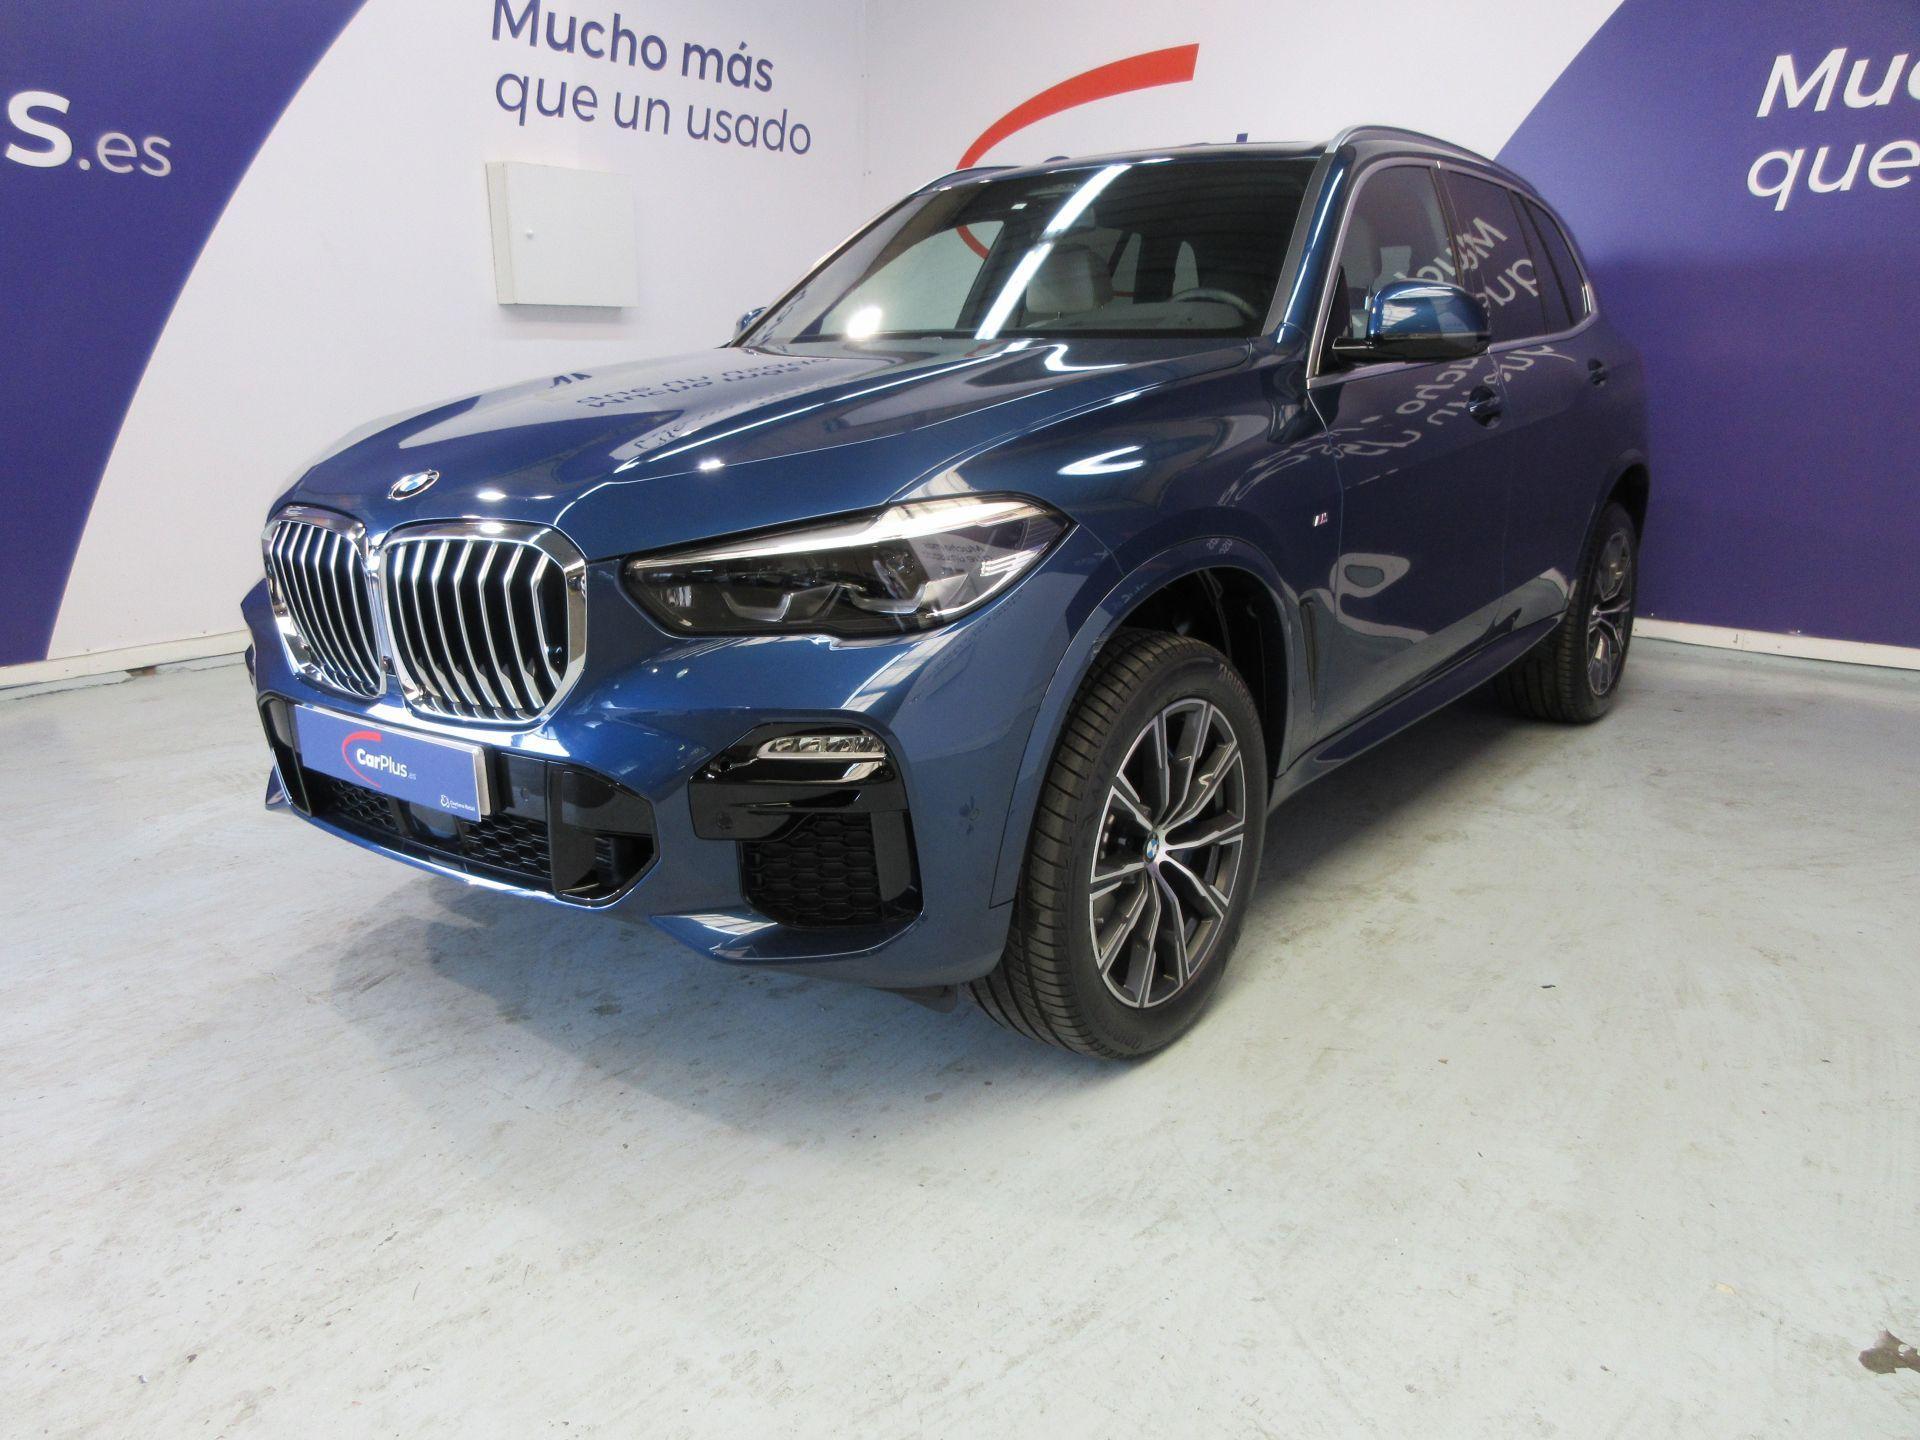 BMW X5 ocasión segunda mano 2021 Diésel por 86.990€ en Madrid